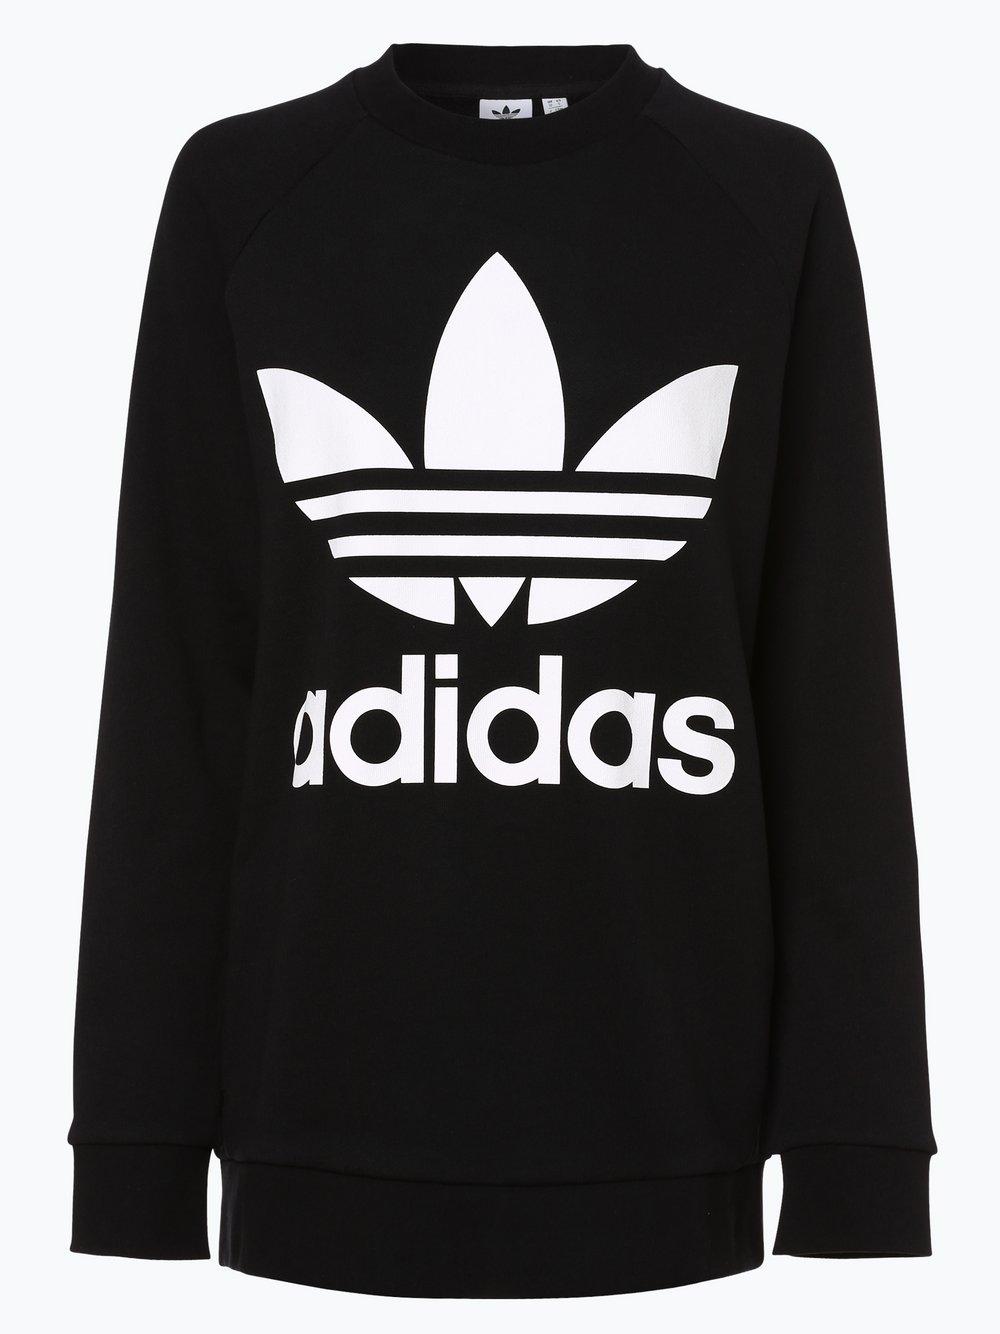 2c844e2a1b809 adidas-originals-damen-sweatshirt_pdmain_412987-0001_bustfront_1.jpg